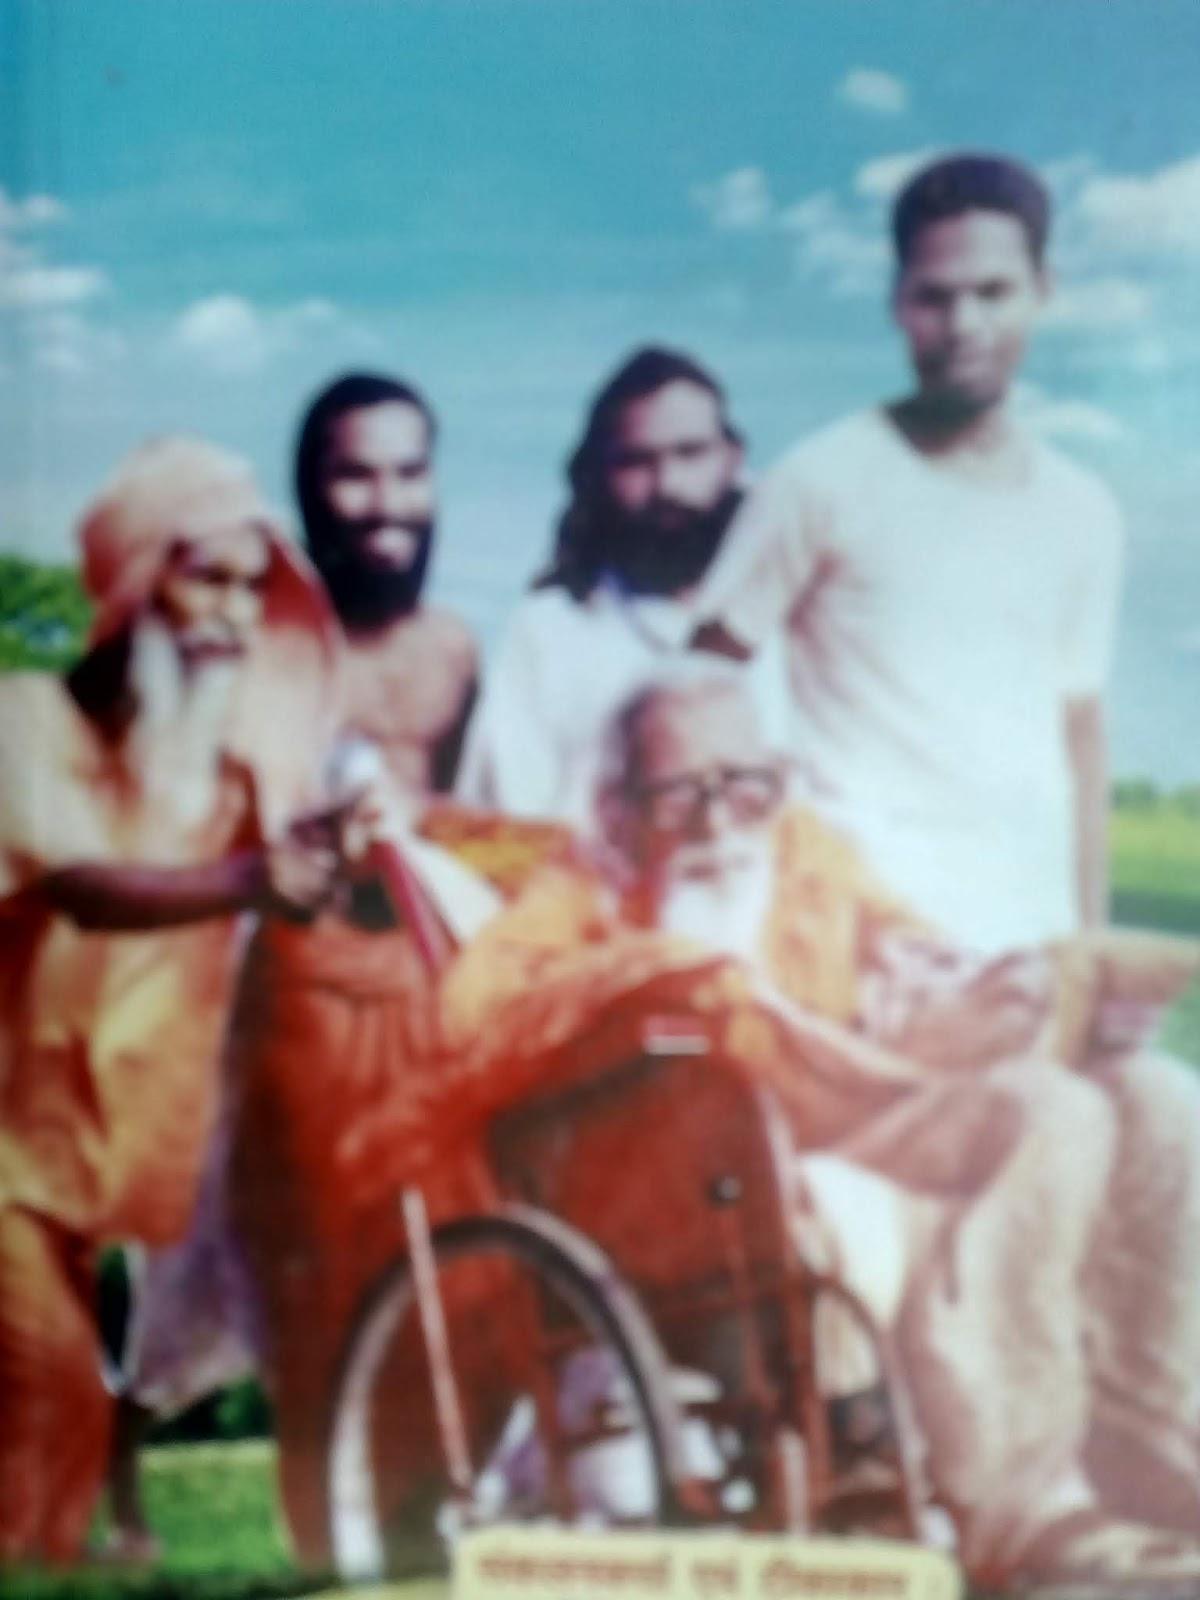 पूज्य पाद लाल दास जी महाराज का संक्षिप्त परिचय।Brief introduction of Pujya Padal Lal Das Ji Maharaj. गुरुदेव के पास खड़े हुए लाल दास जी महाराज